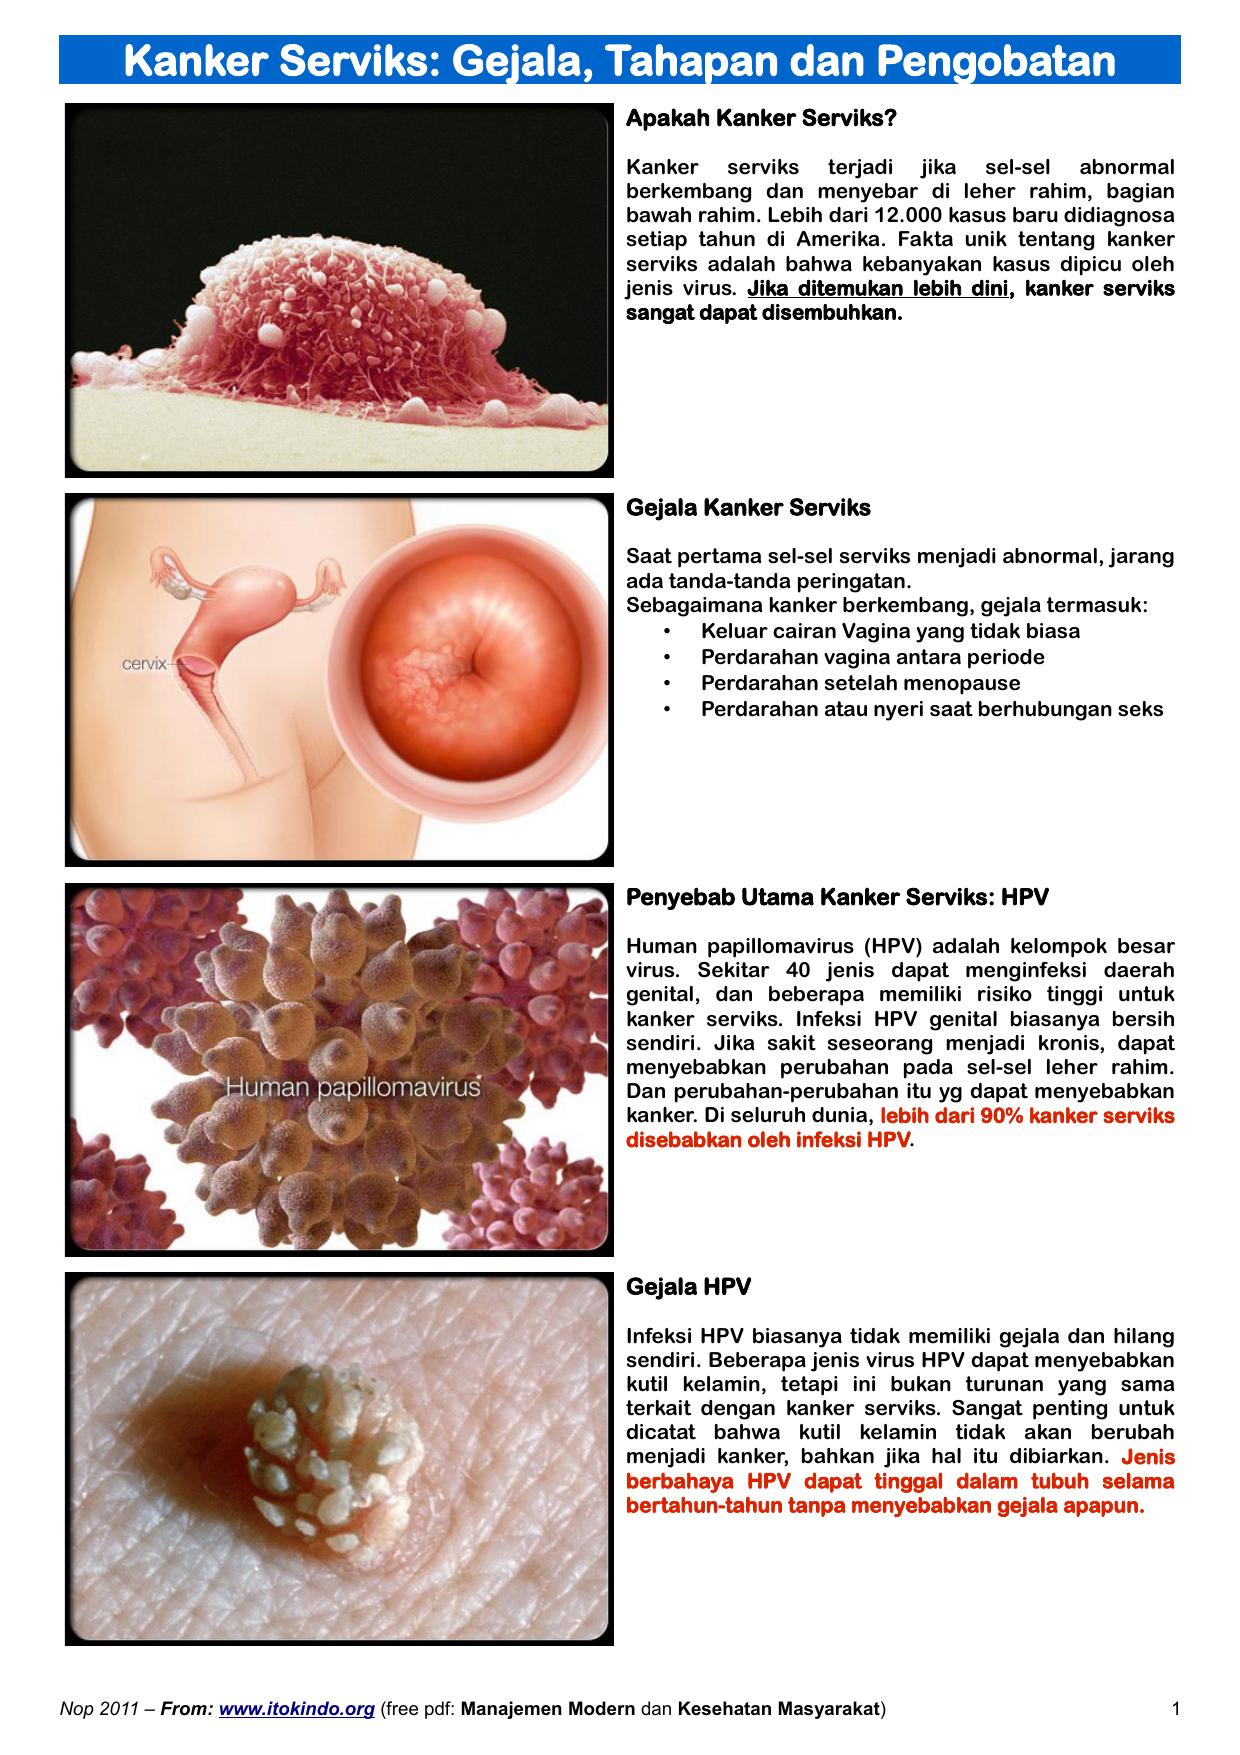 hpv virus adalah